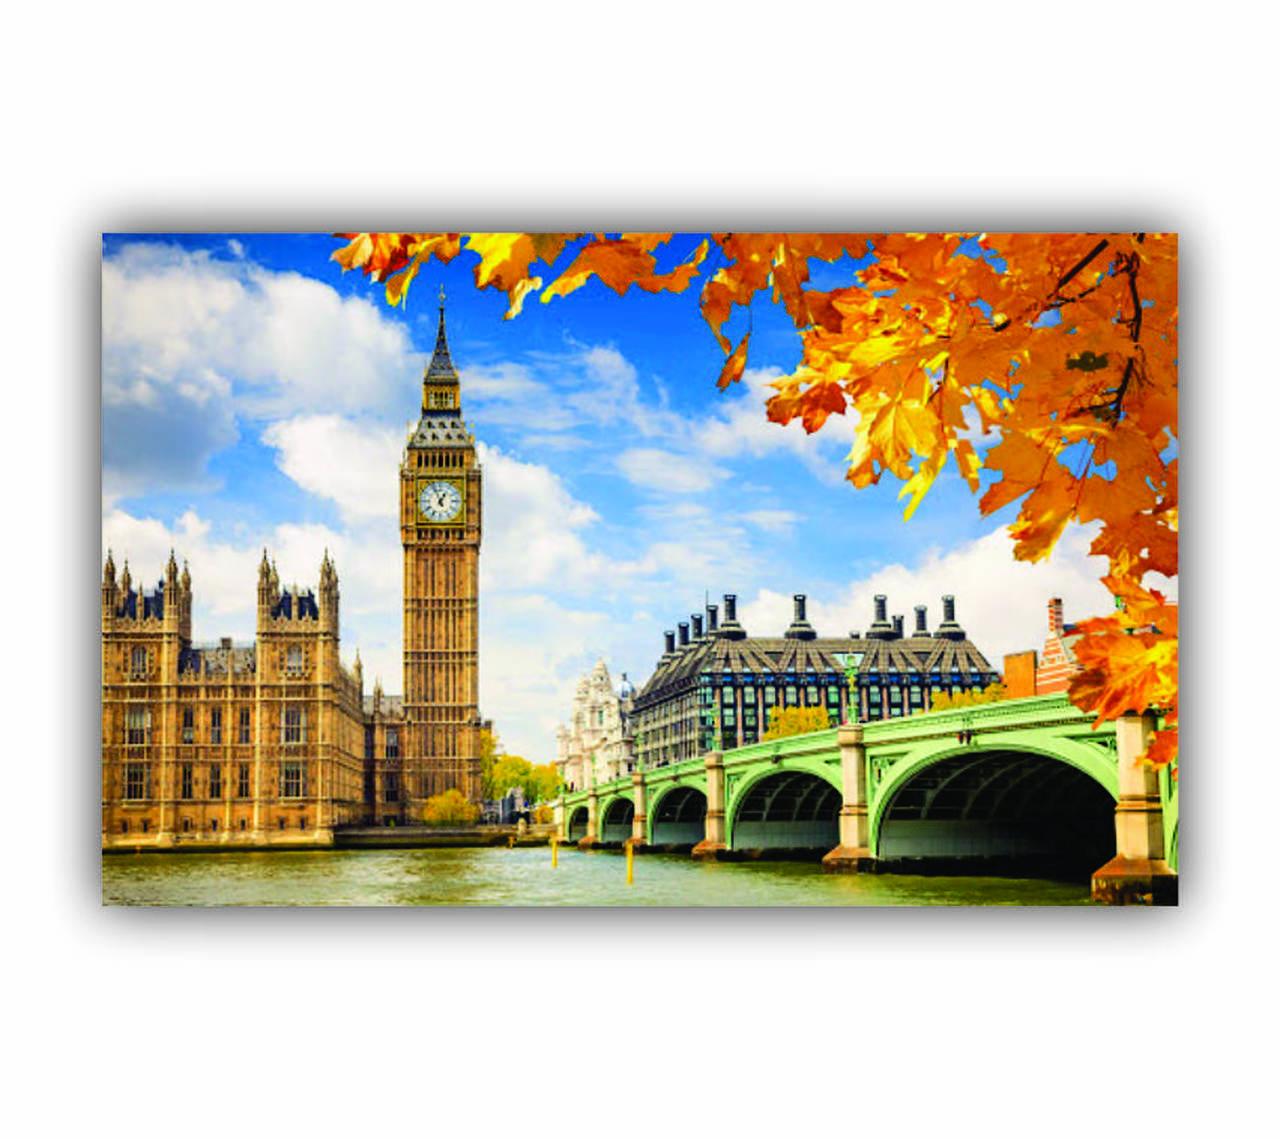 Quadro Londres Flores Amarelas - Tela Única